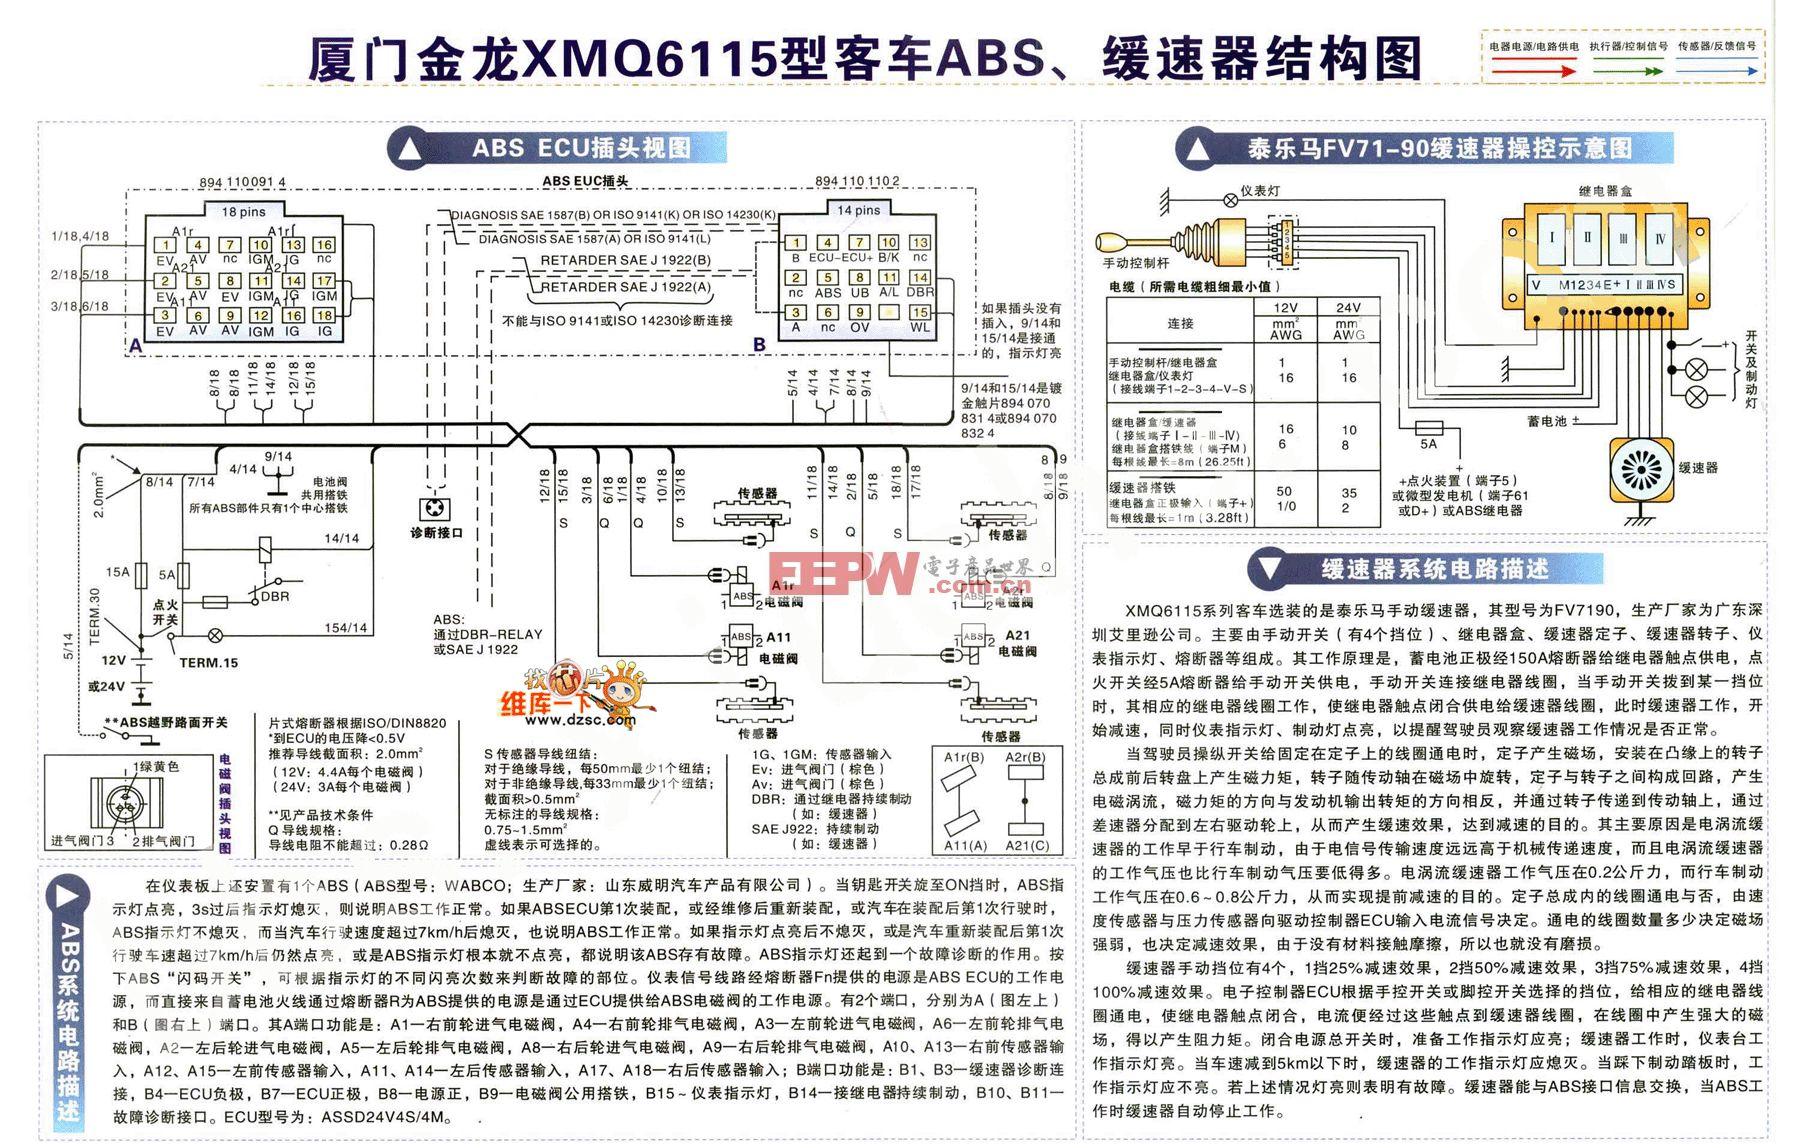 厦门金龙XMQ6115型客车ABS、缓速器结构图